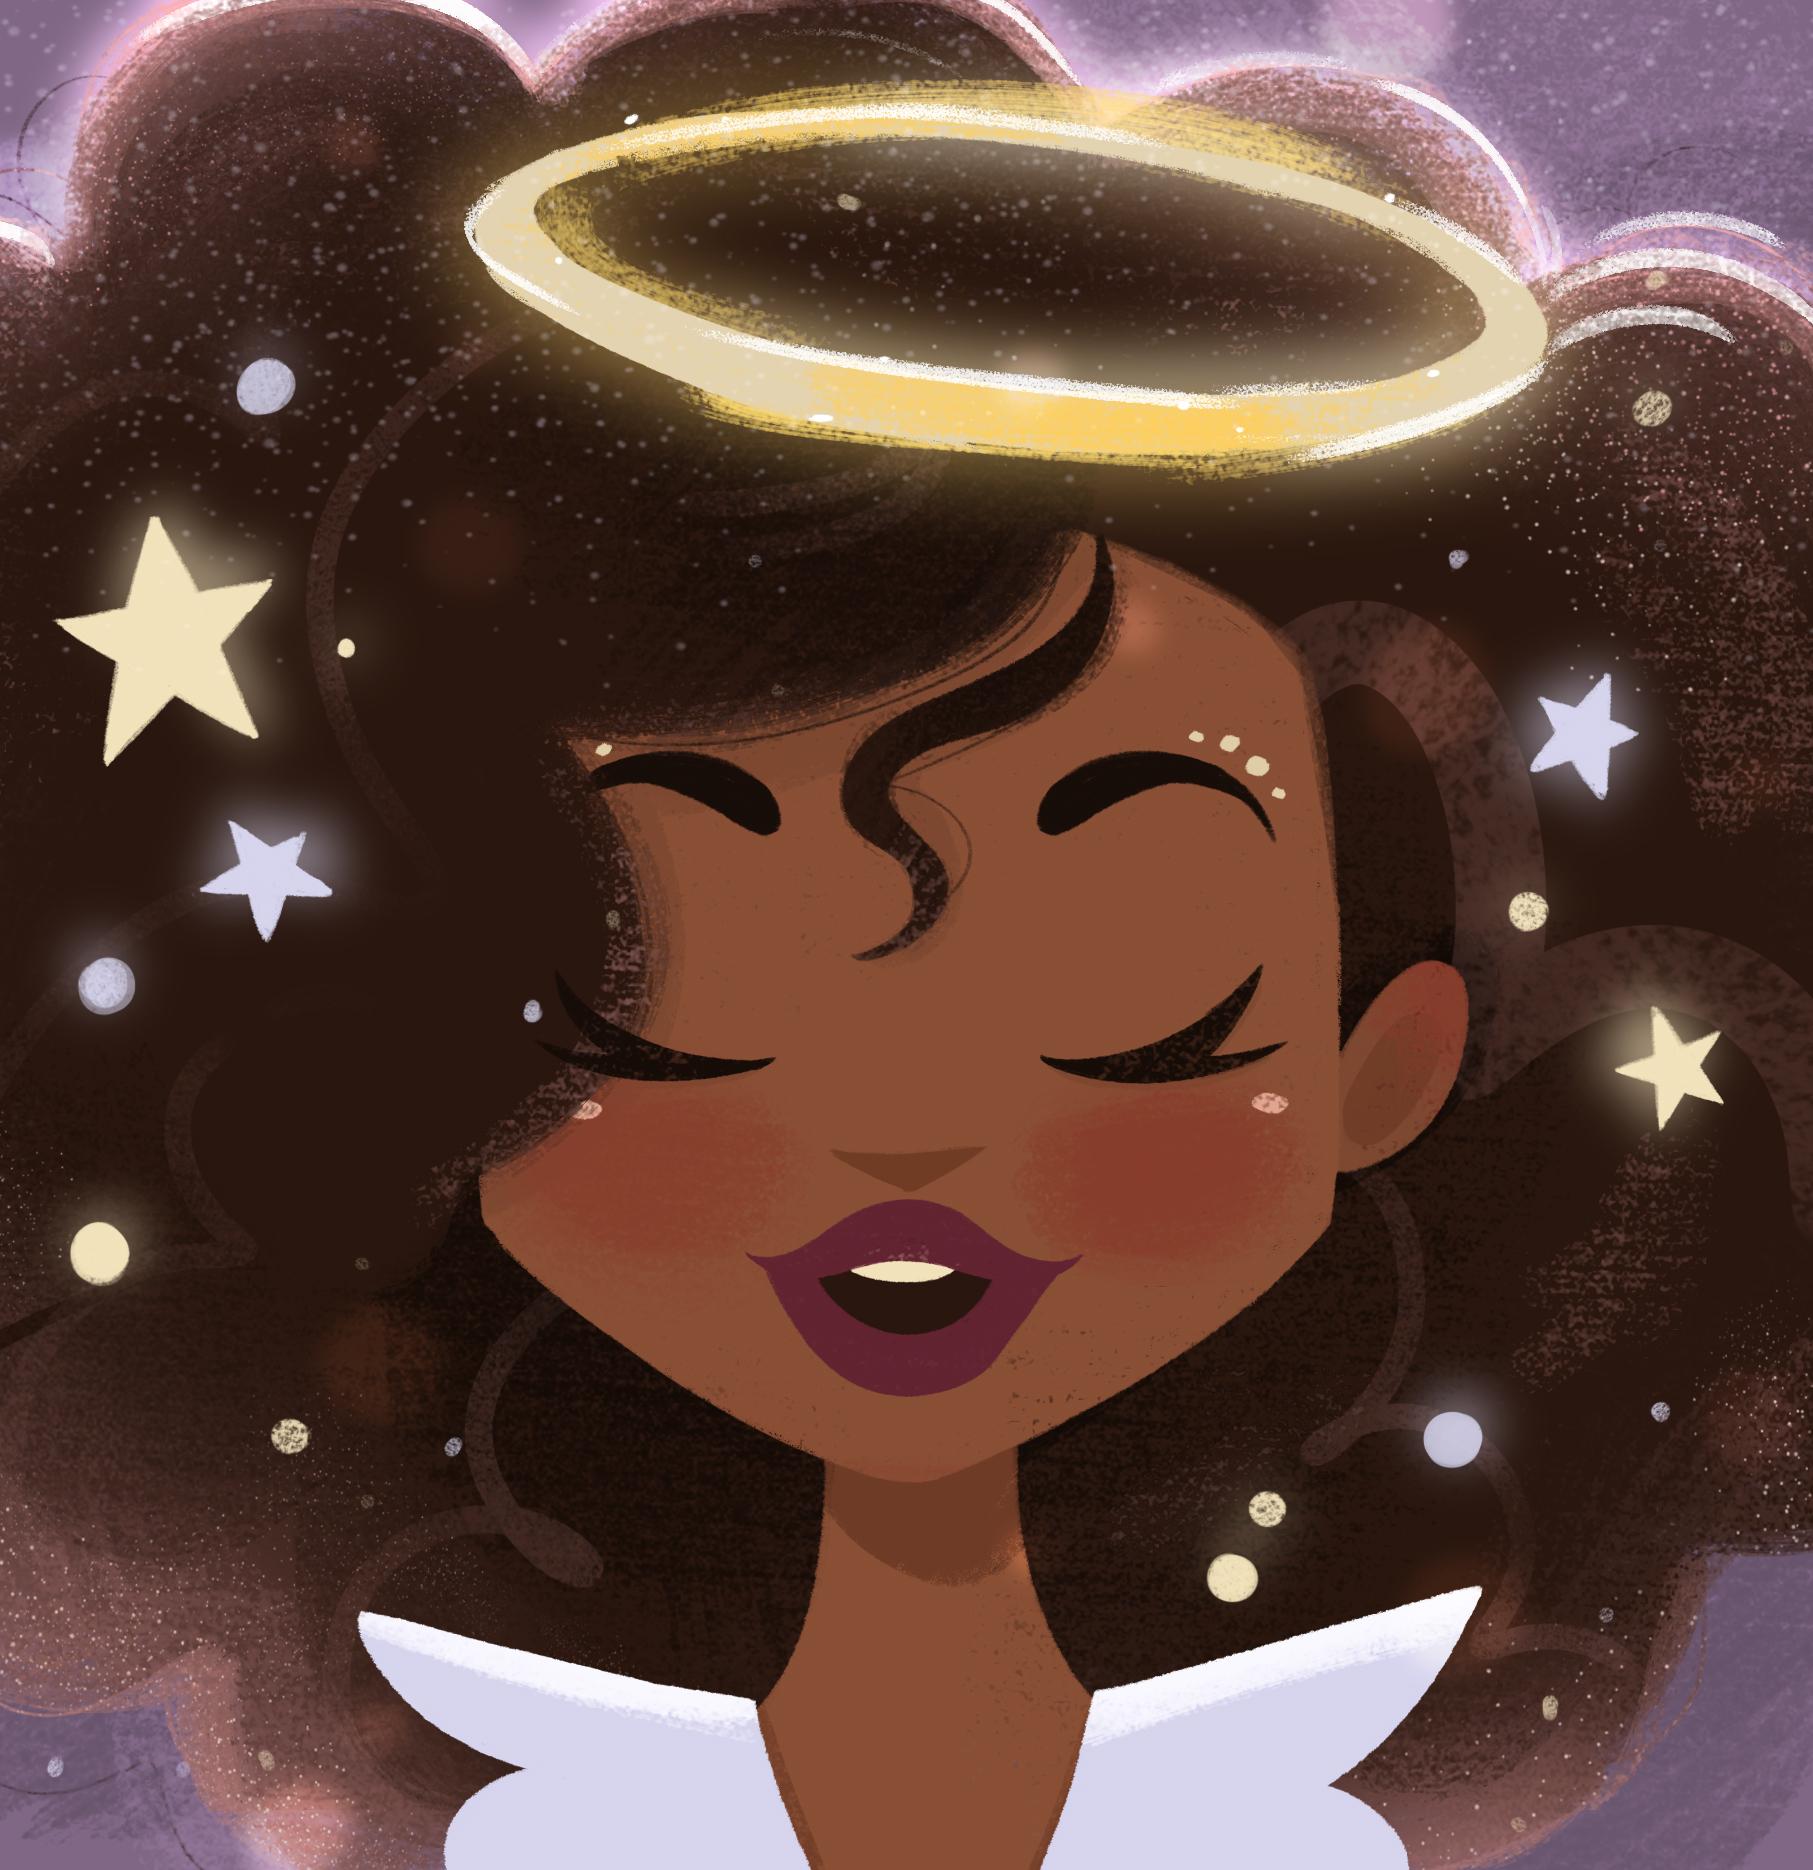 Day 11 Angel.jpg